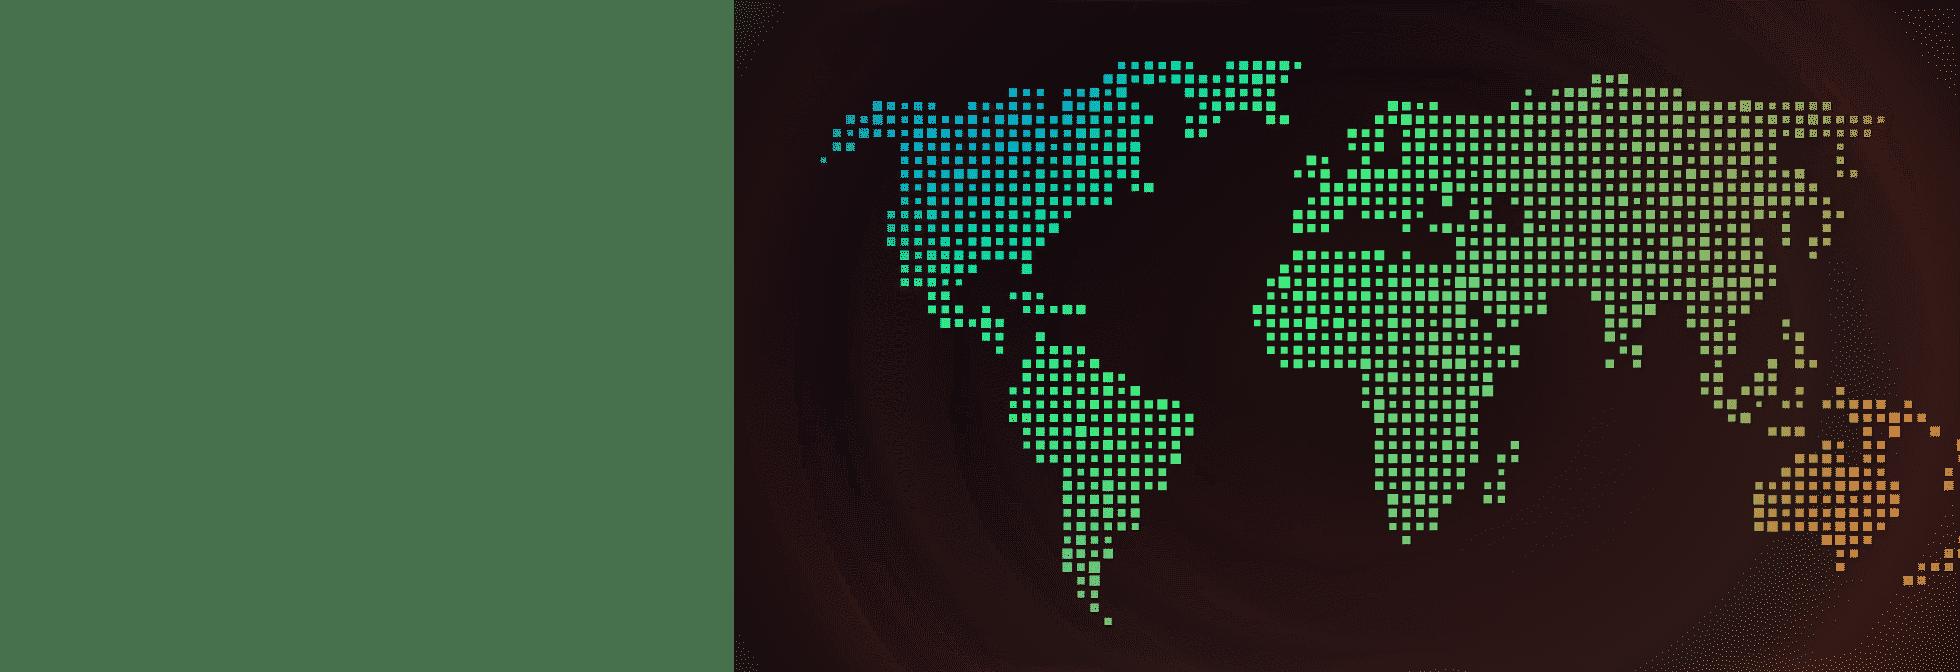 AGS World Map - www.agsgps.com